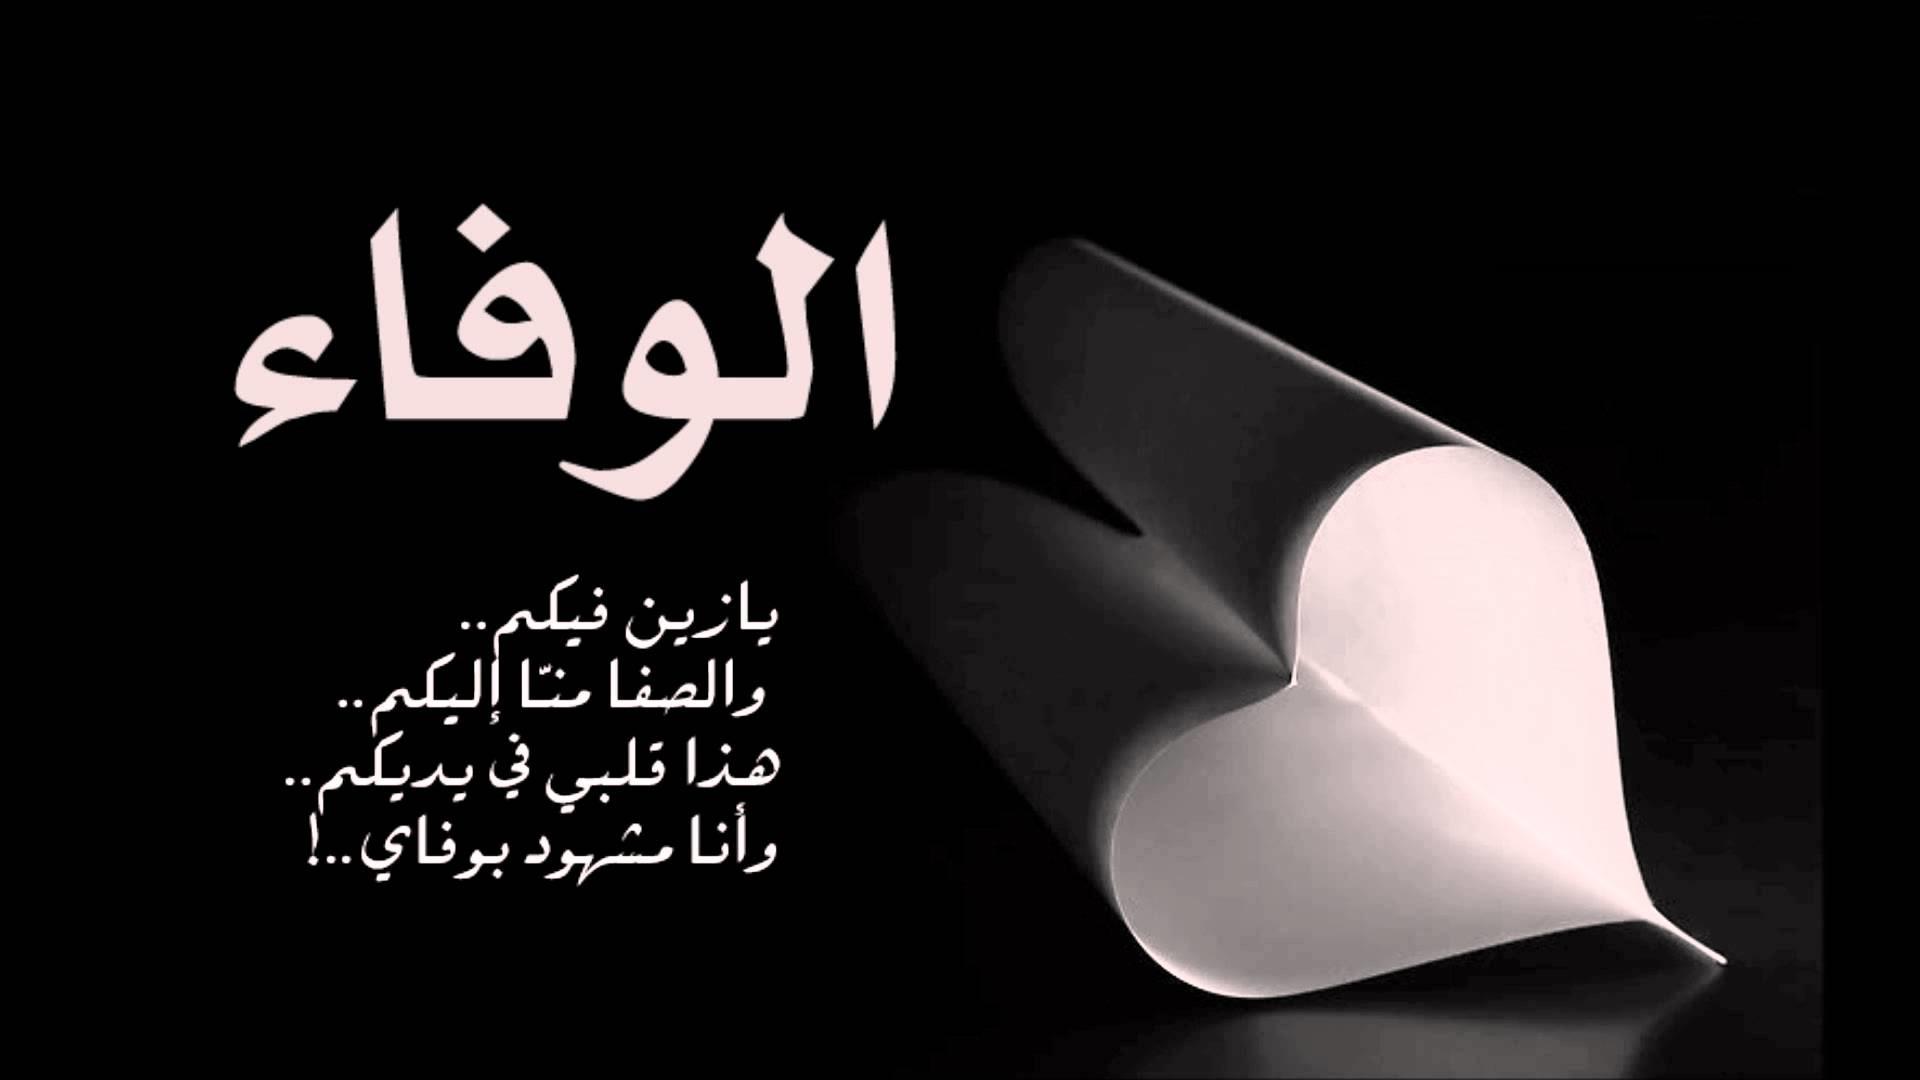 بالصور اجمل رسالة حب , كلمات ستجعل حبيبك يموت فيك 3592 9